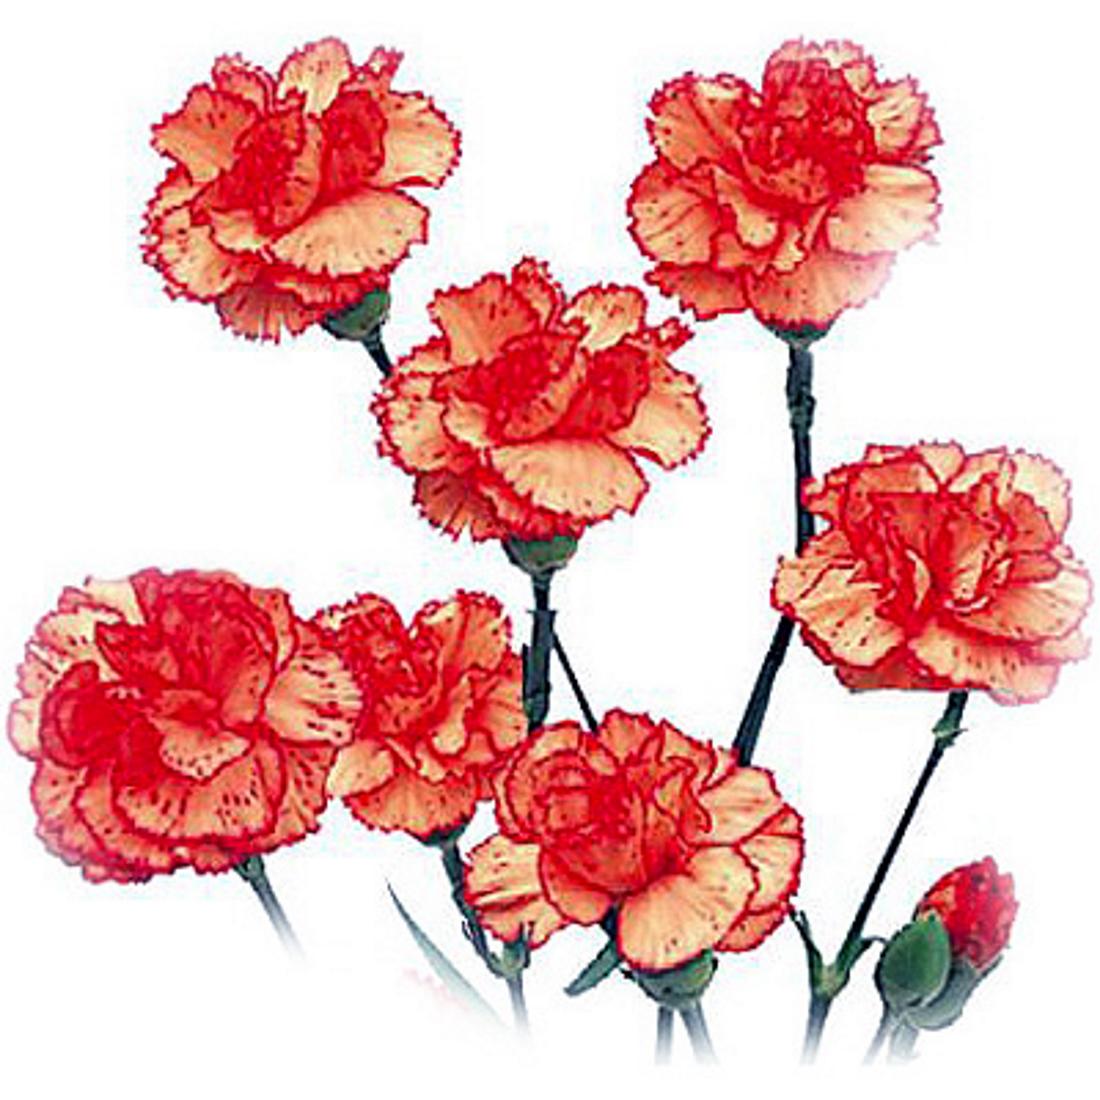 любой хирург картинки цветы на белом фоне анимации 23 февраля особенность каждого мини